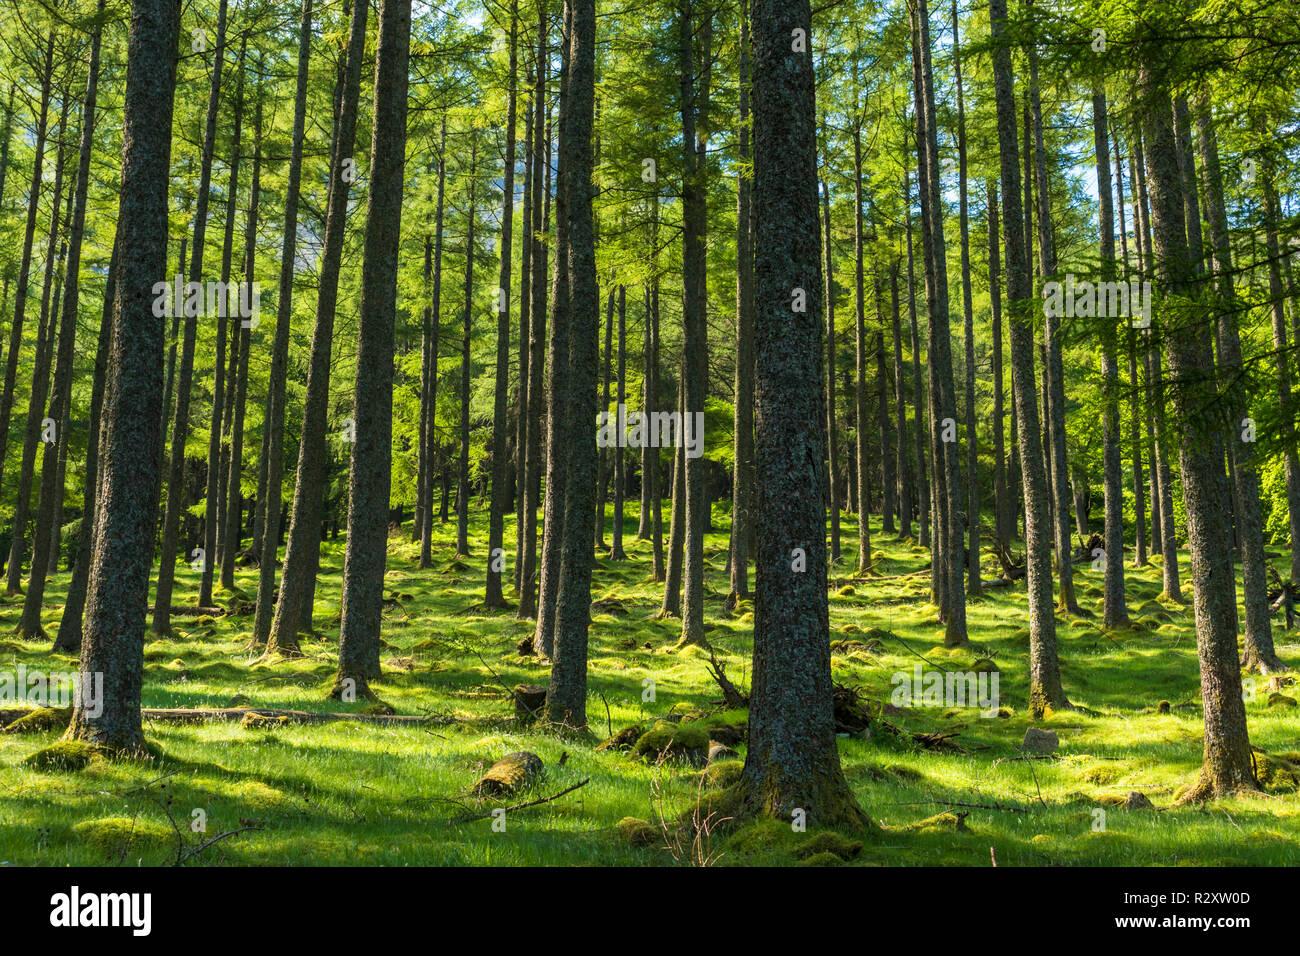 Lake District UK Buttermere lumière du soleil à travers les arbres de pin Bois Burtness Buttermere Lake District National Park Cumbria England UK GO Europe Photo Stock